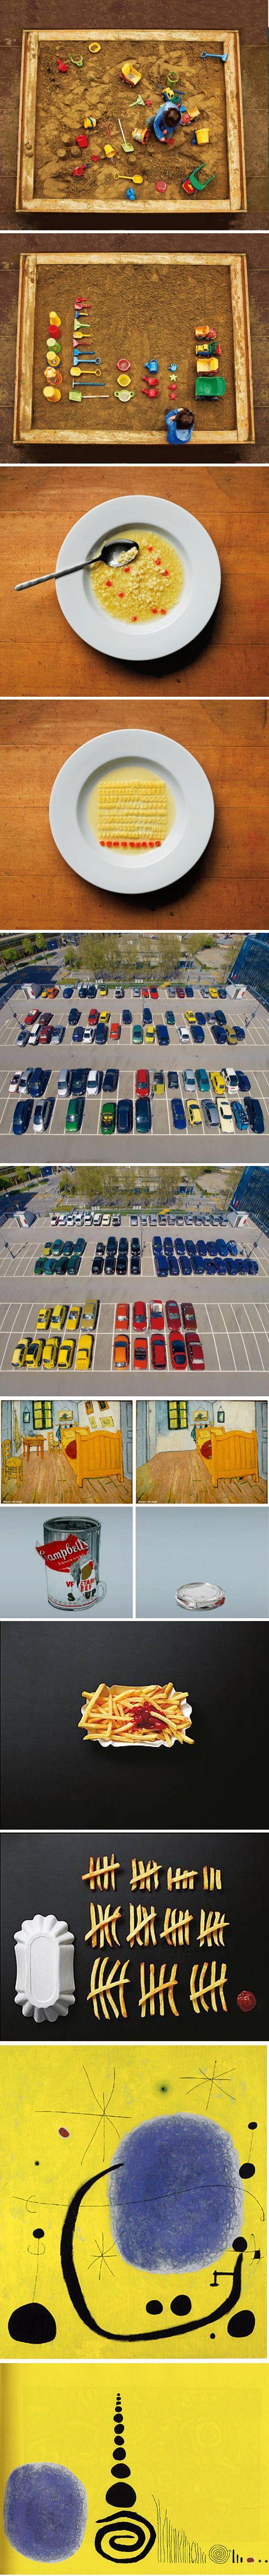 Résultats Google Recherche d'images correspondant à http://www.anaisetpedro.com/wp-content/uploads/2012/04/art-du-rangement-2.jpg